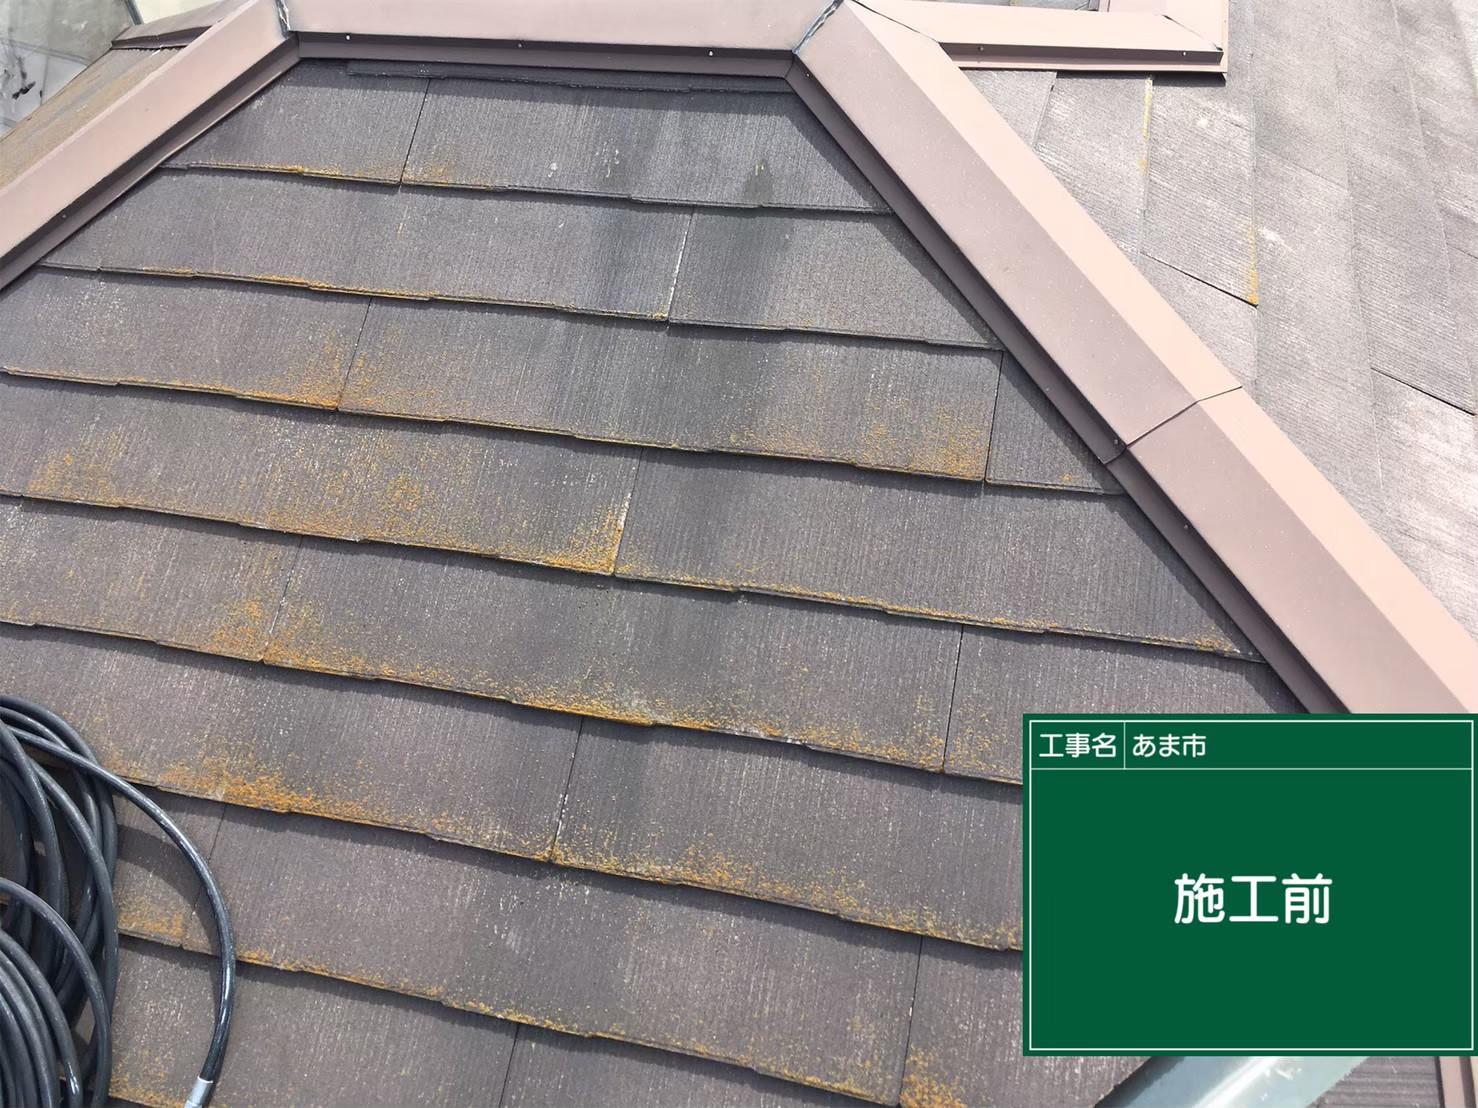 <p></p> <p>屋根施工前です。</p> <p>コケが確認できます。洗浄で落としていきます。</p> <p></p>